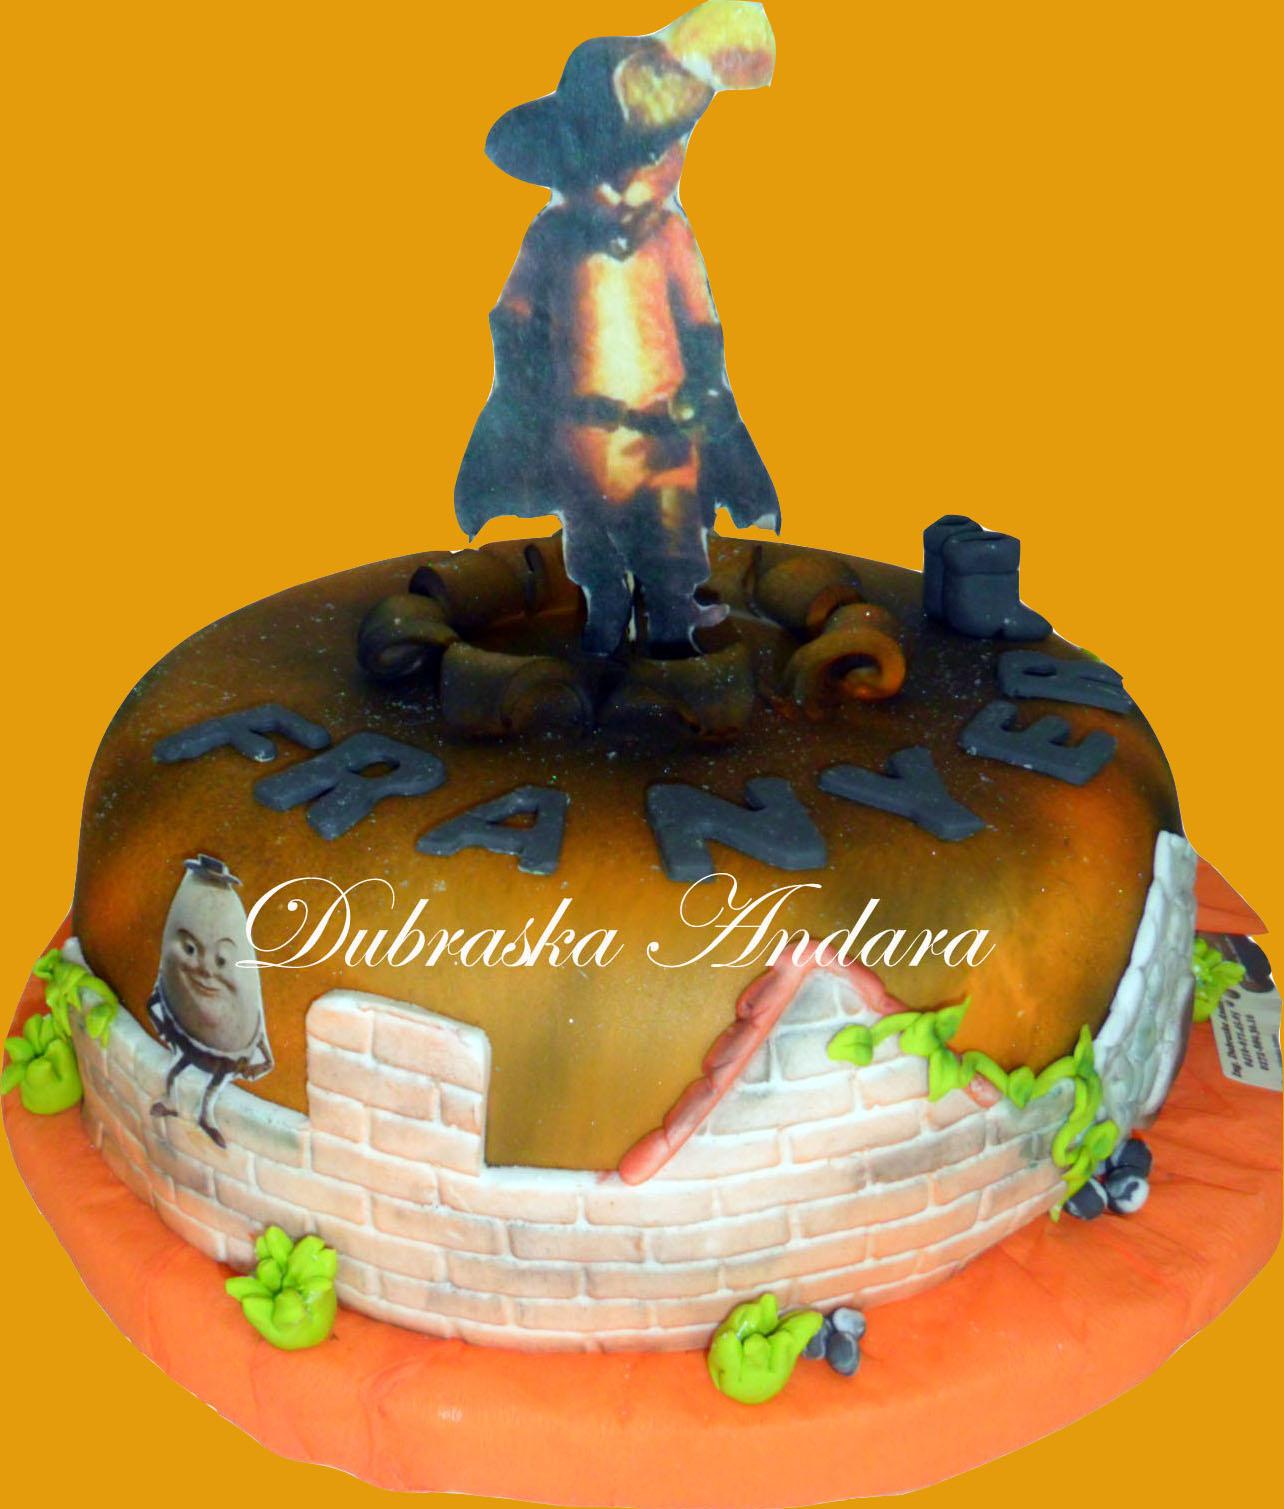 Tortas de cumplea os para ni os mis bellas tortas - Cumpleanos para ninos de 11 ...